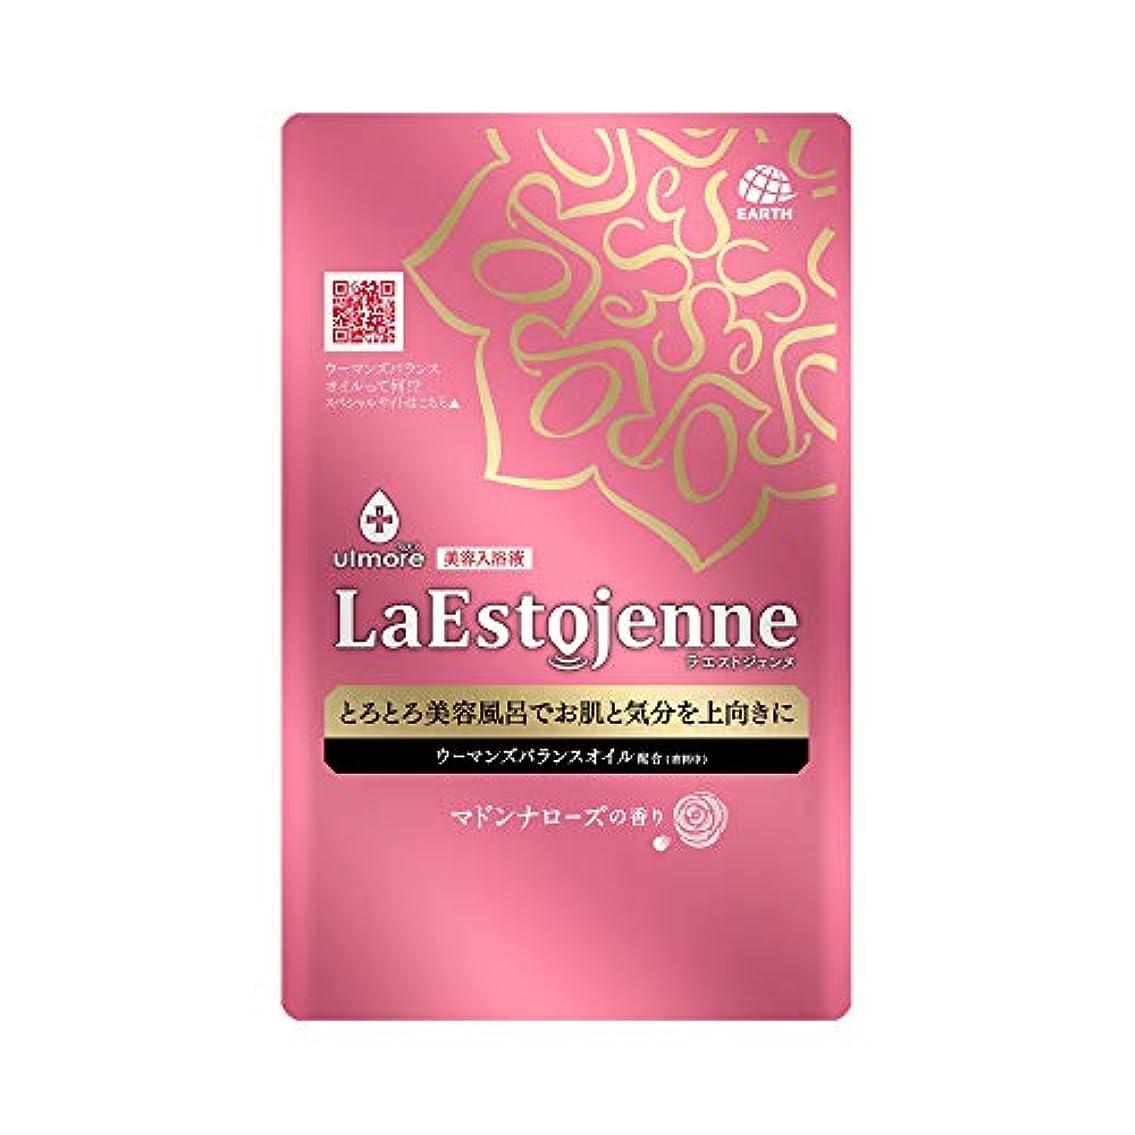 下る病気だと思う記念品ウルモア ラエストジェンヌ 入浴剤 マドンナローズの香り [160ml x 1包入り]